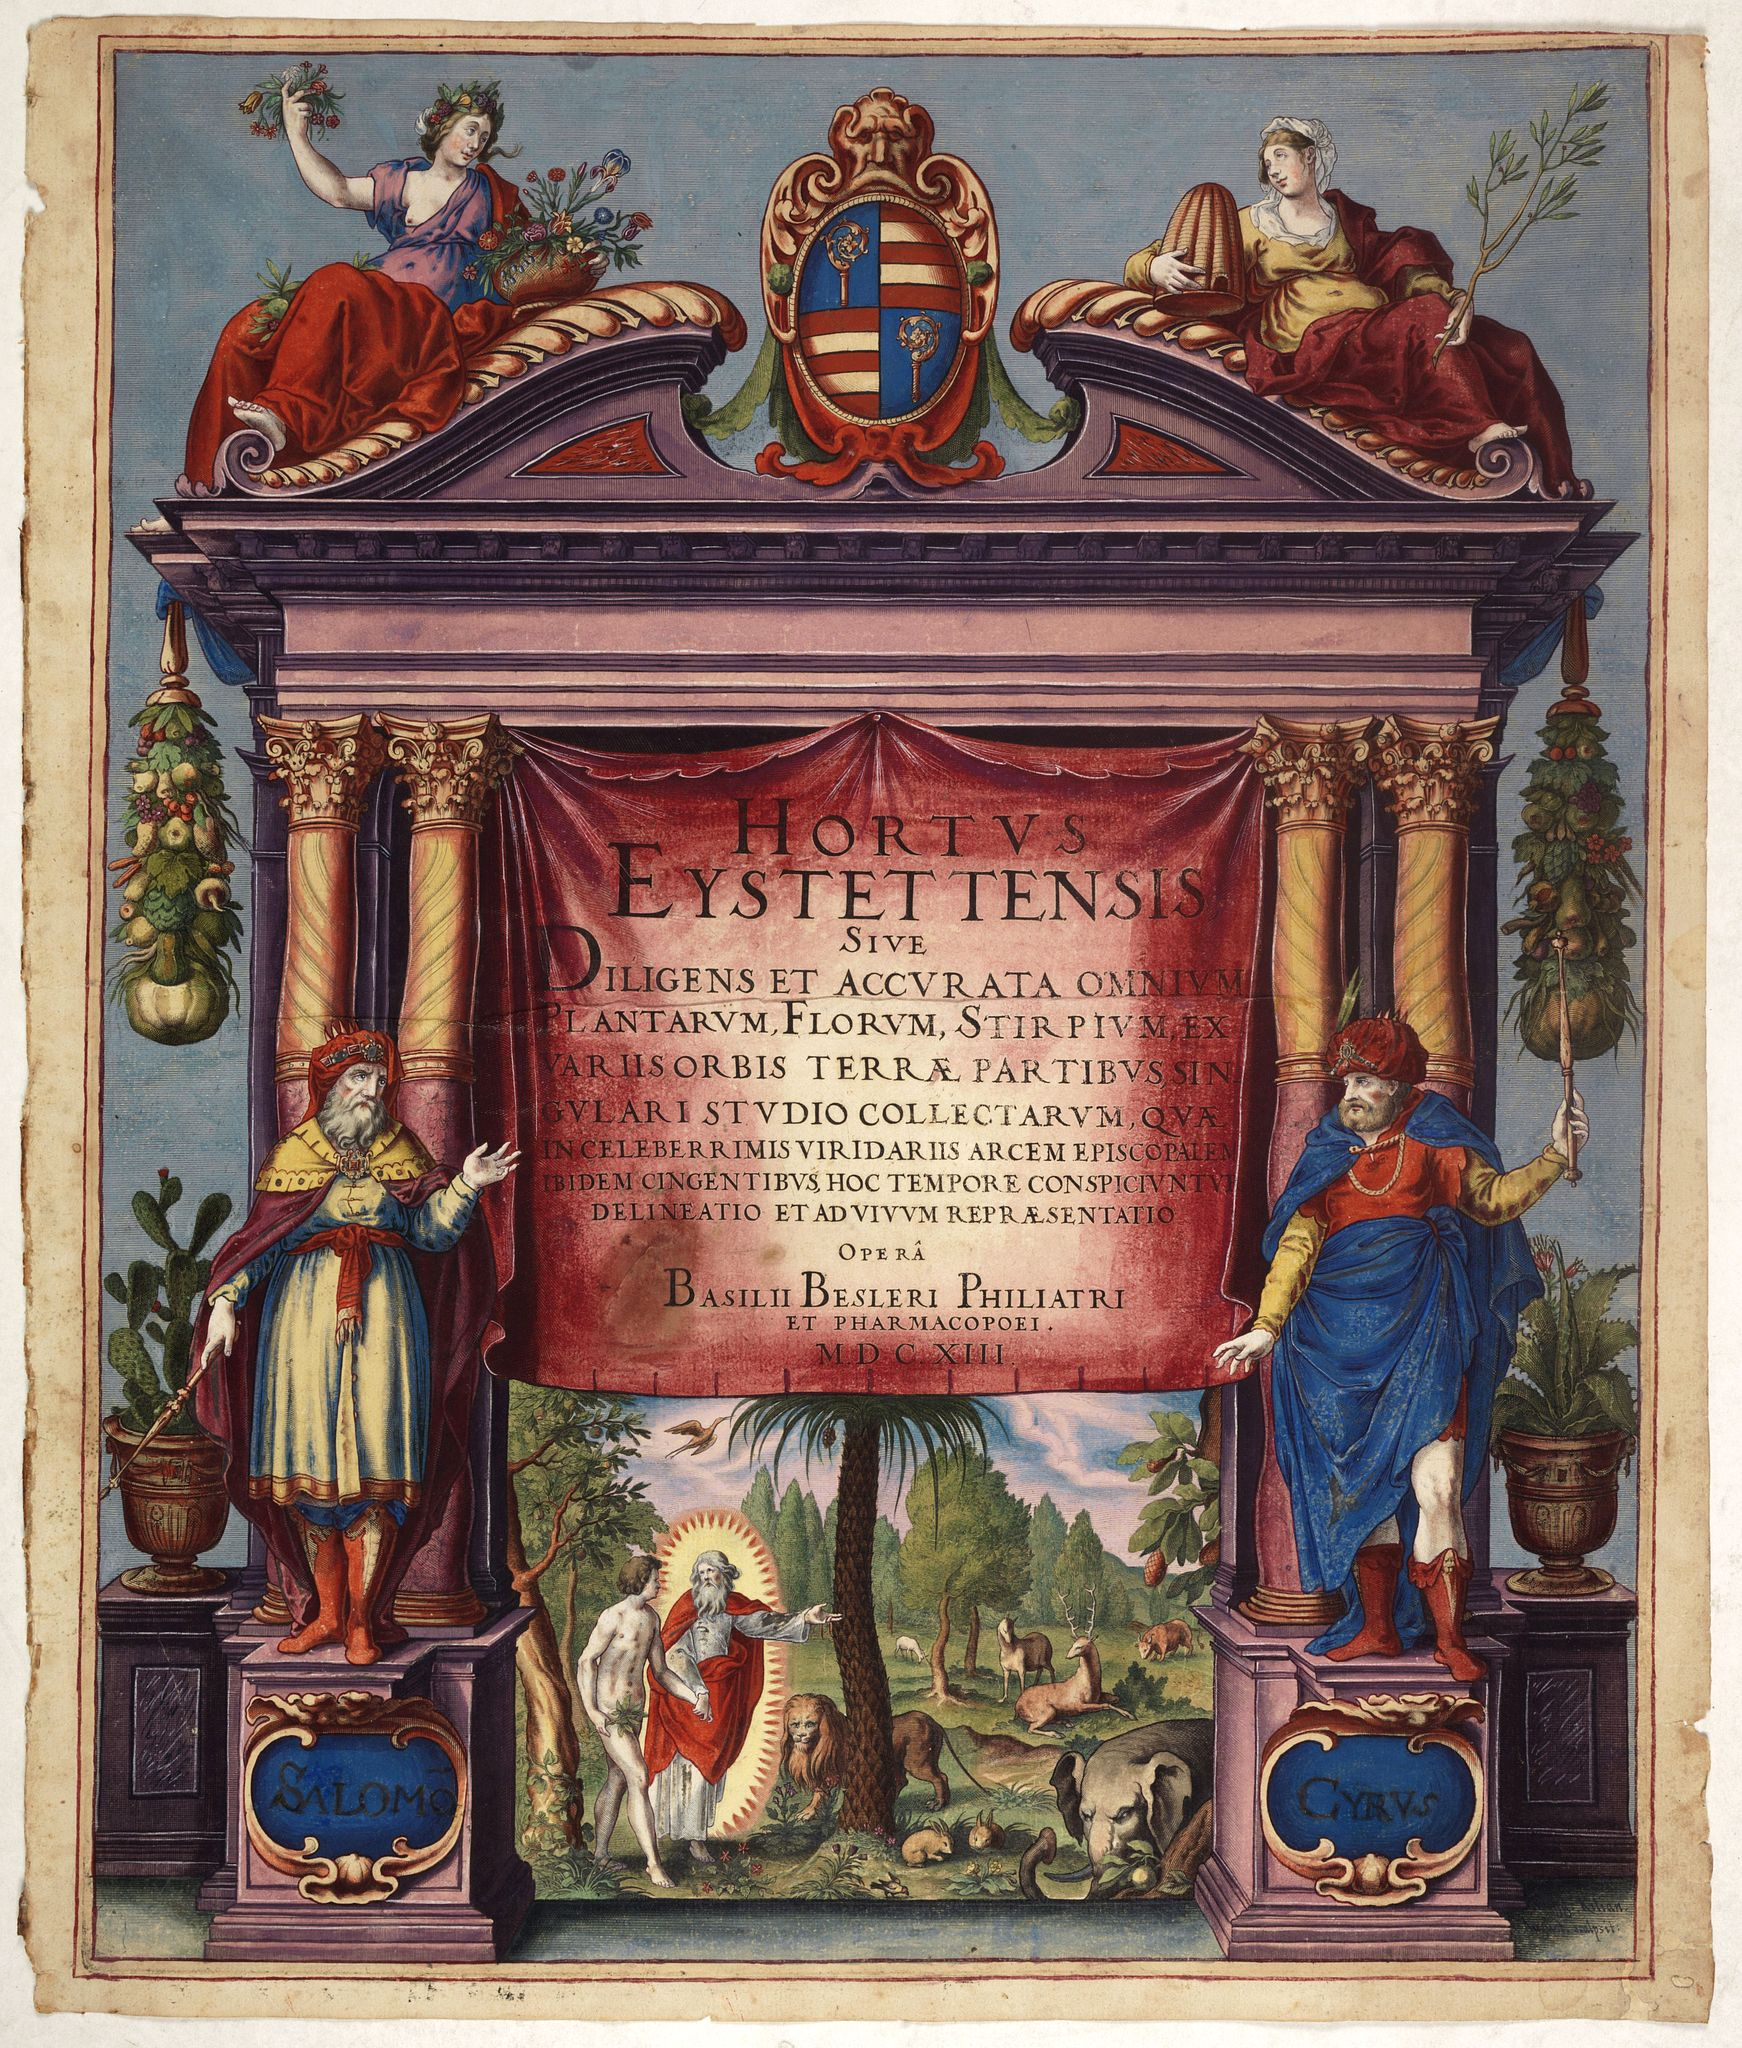 BESLER, Basilius (1561-1629) -  [Title page coloured by Georg Mack Jr. to : Hortus Eystettensis, Sive Diligens et Accurata Omnium Plantarum, Florum, Stirpium,. . .]